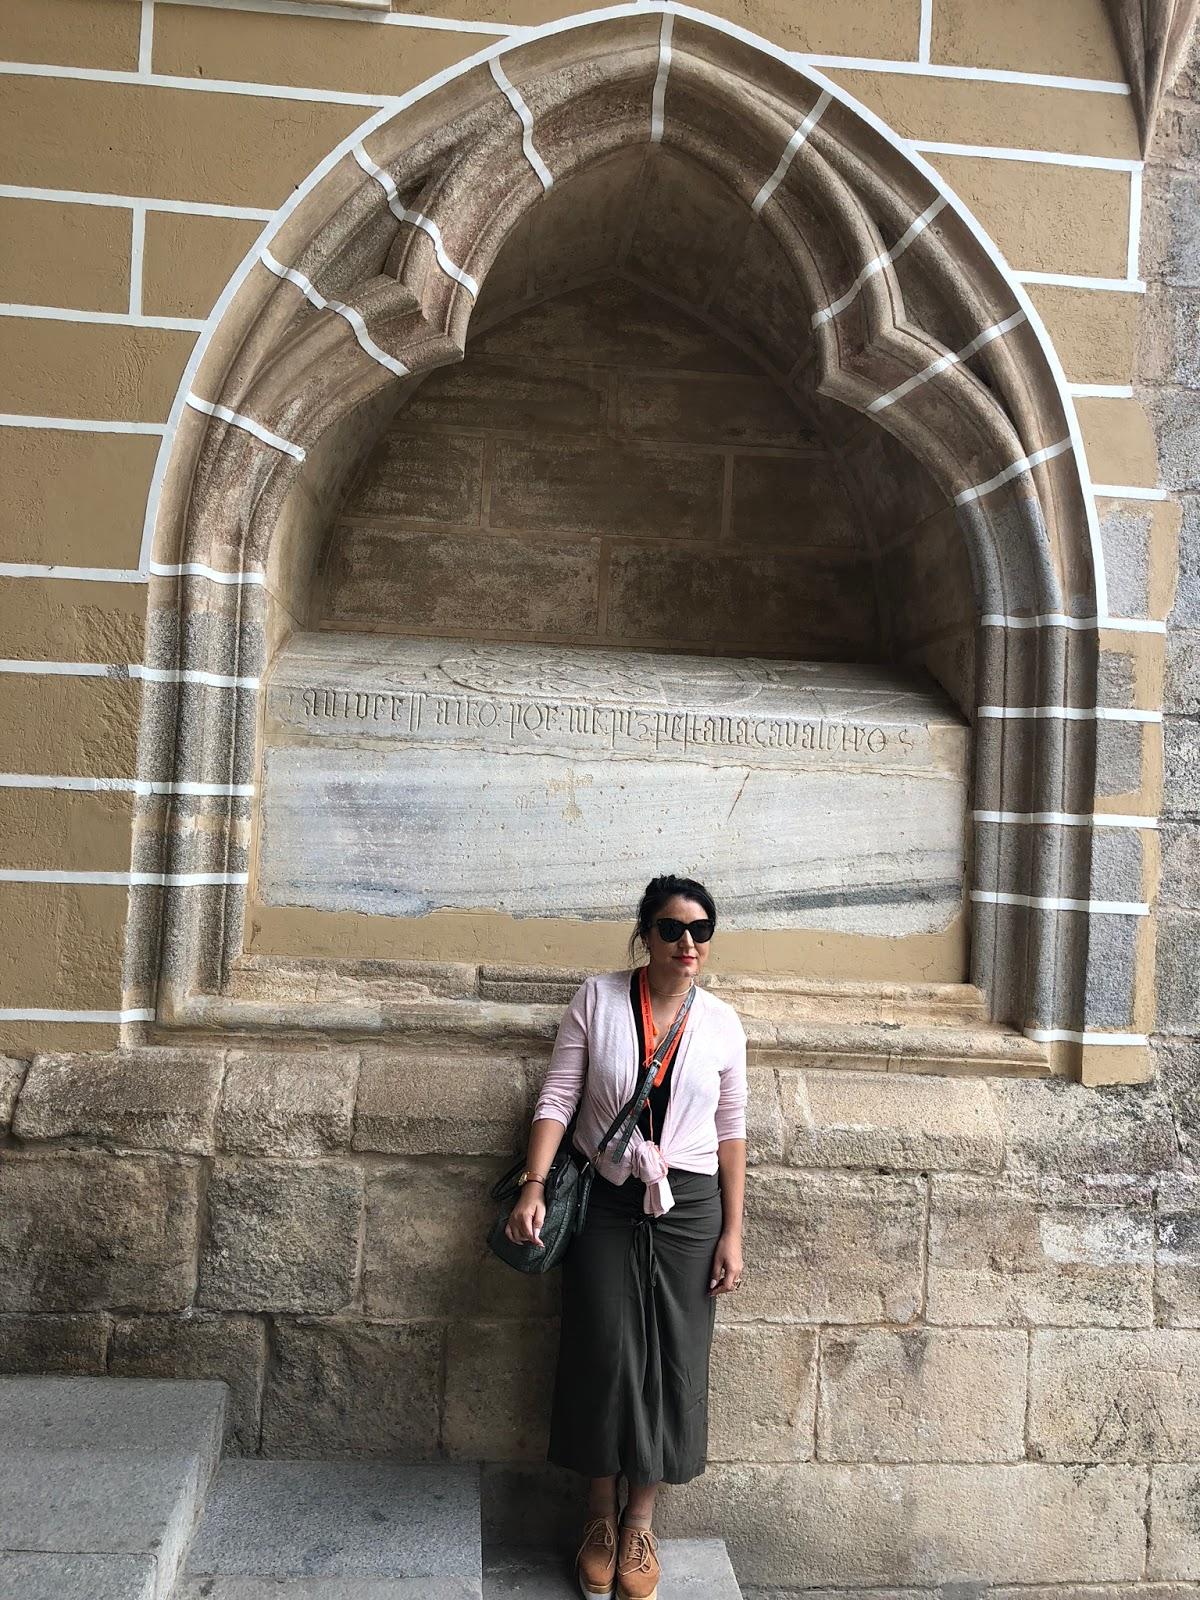 Setúbal e Évora, conhecendo o Templo de Diana e a Igreja dos Ossos